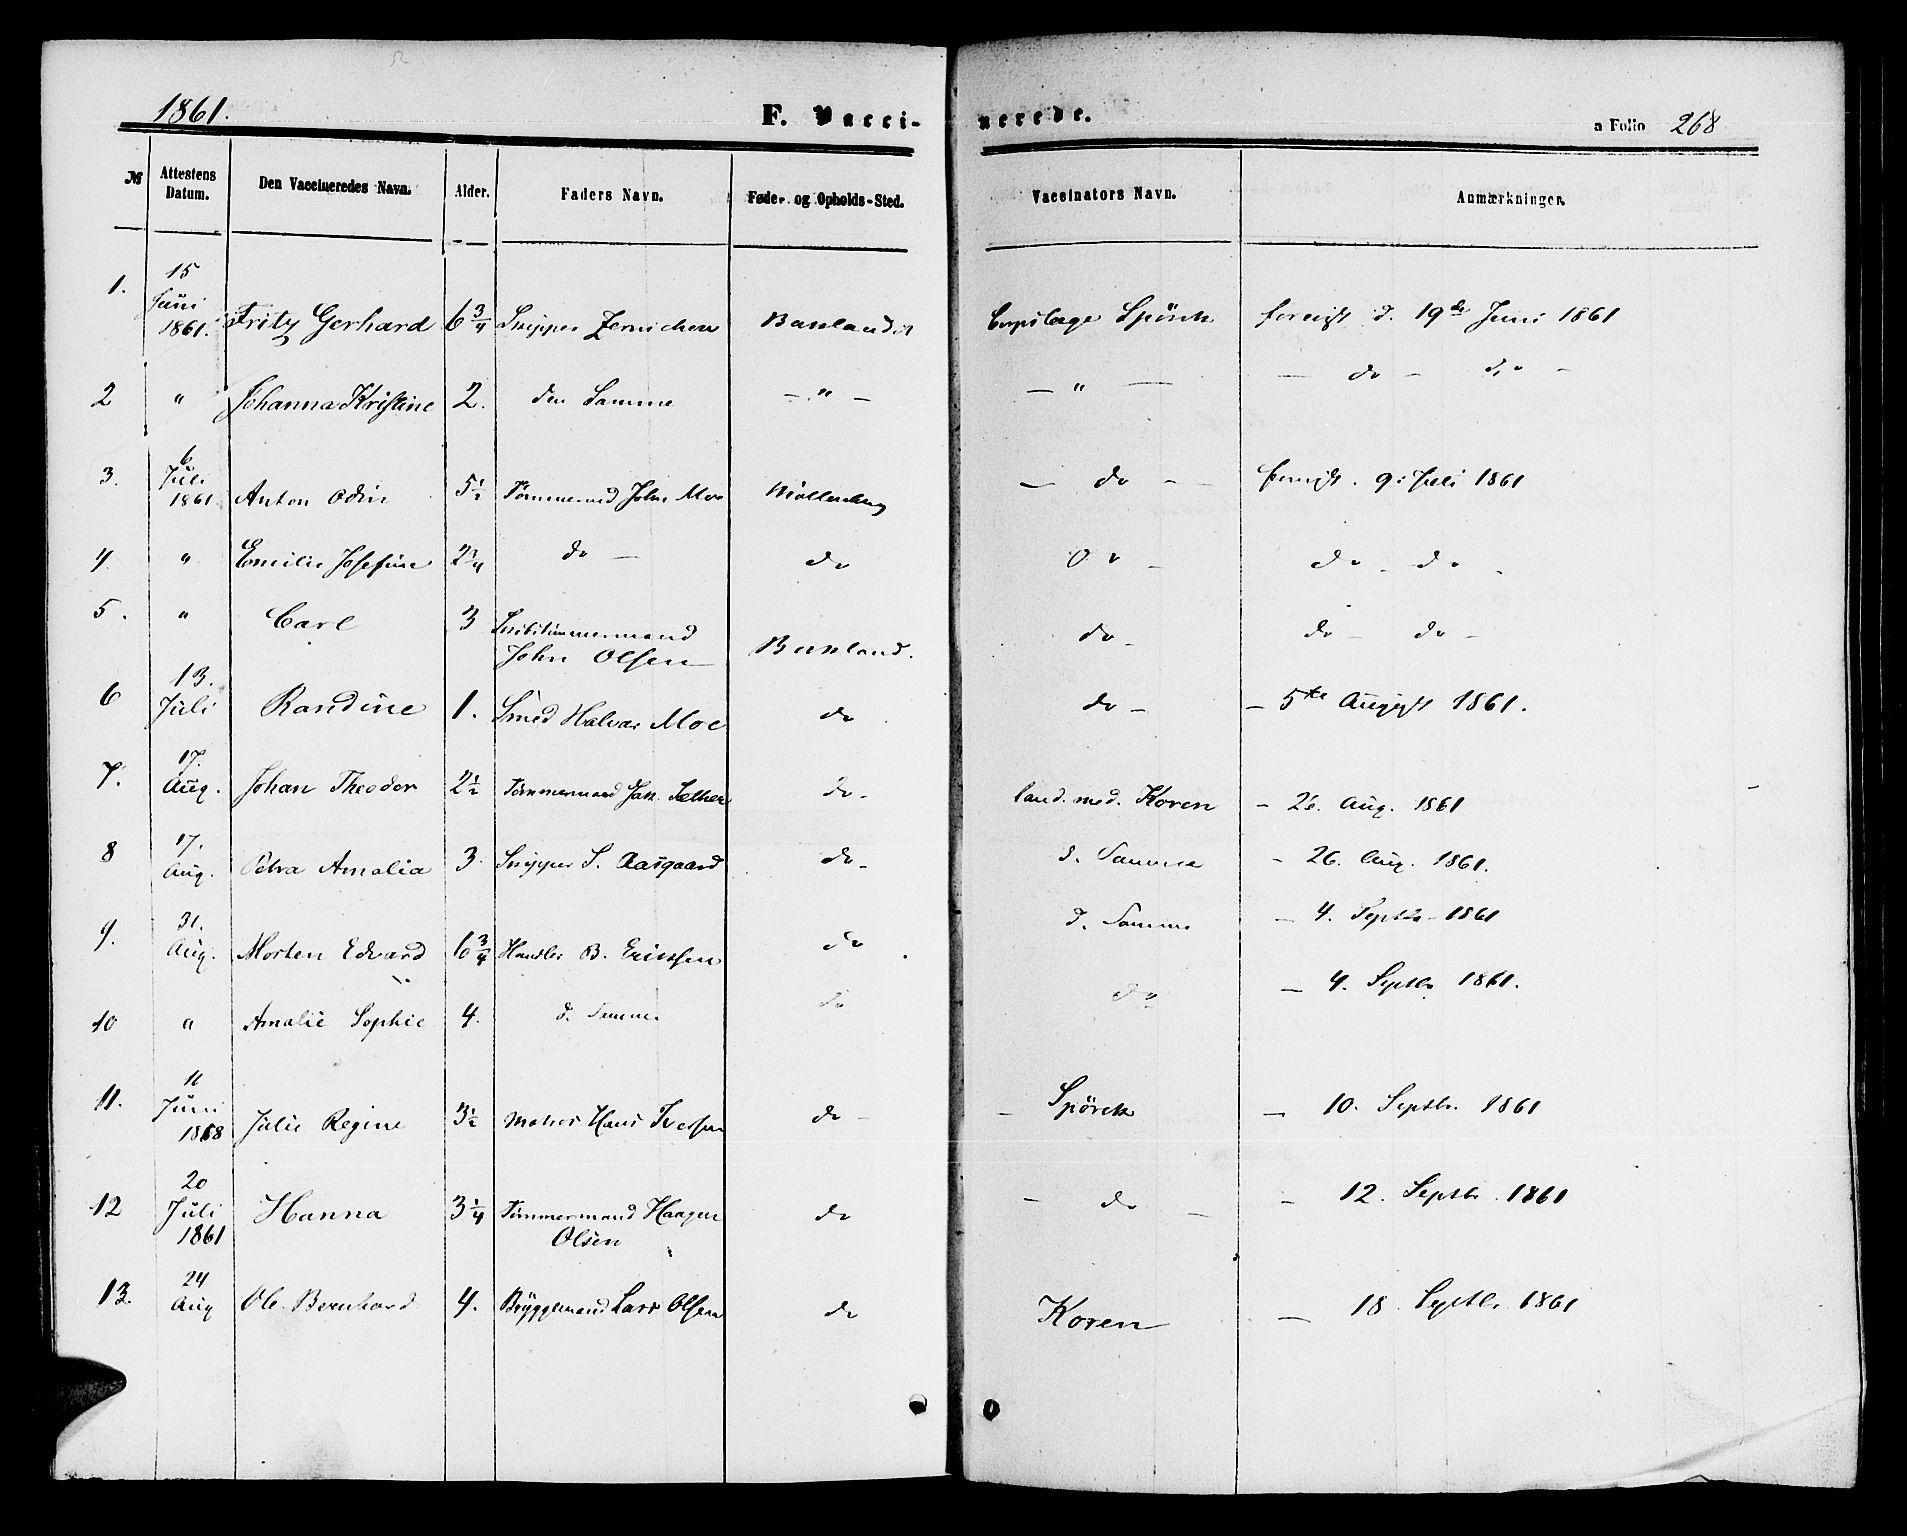 SAT, Ministerialprotokoller, klokkerbøker og fødselsregistre - Sør-Trøndelag, 604/L0185: Ministerialbok nr. 604A06, 1861-1865, s. 268